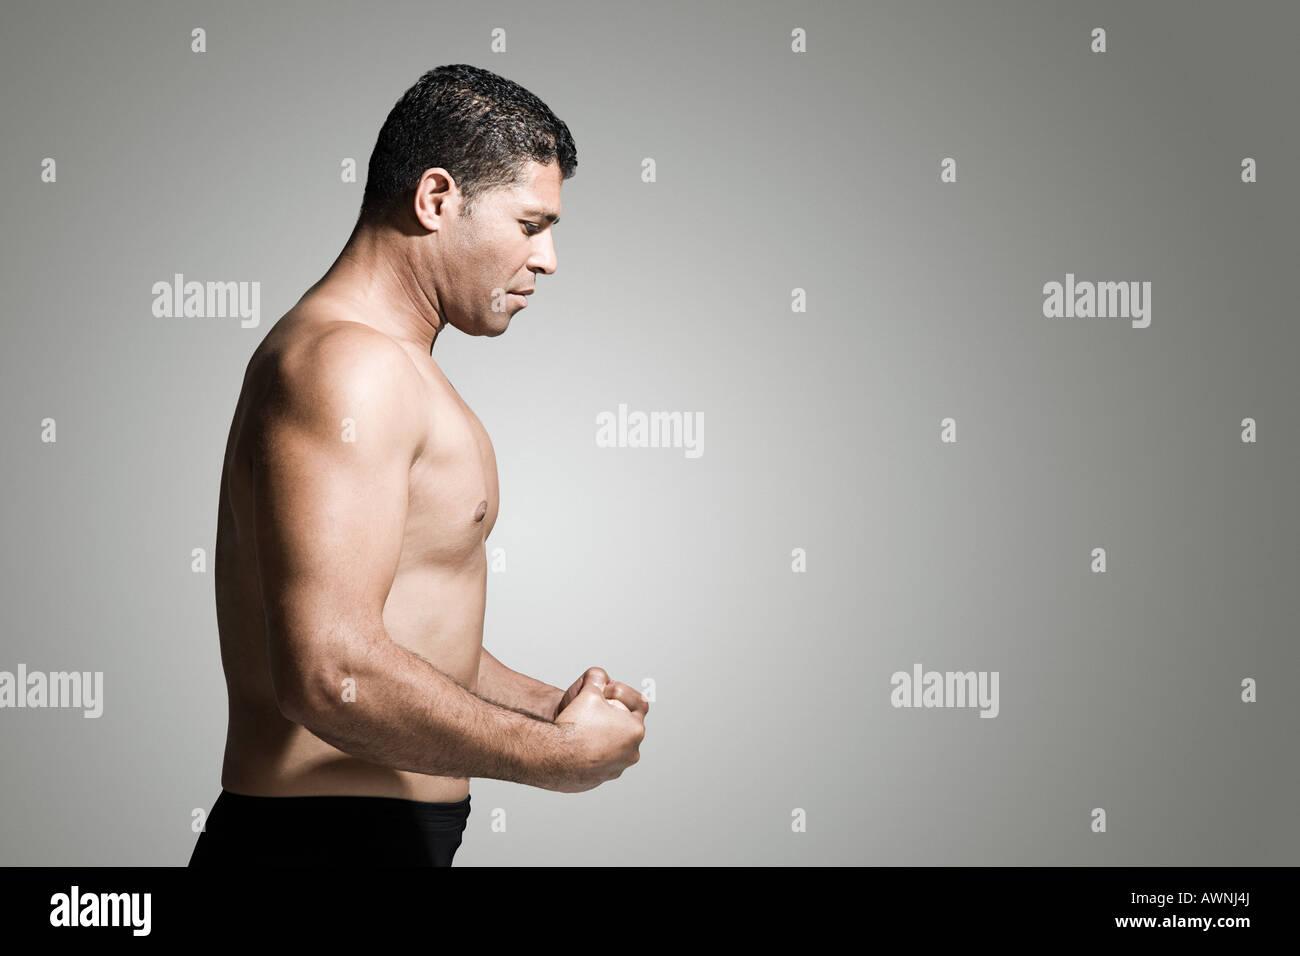 Profil von einem muskulösen Mann Stockbild